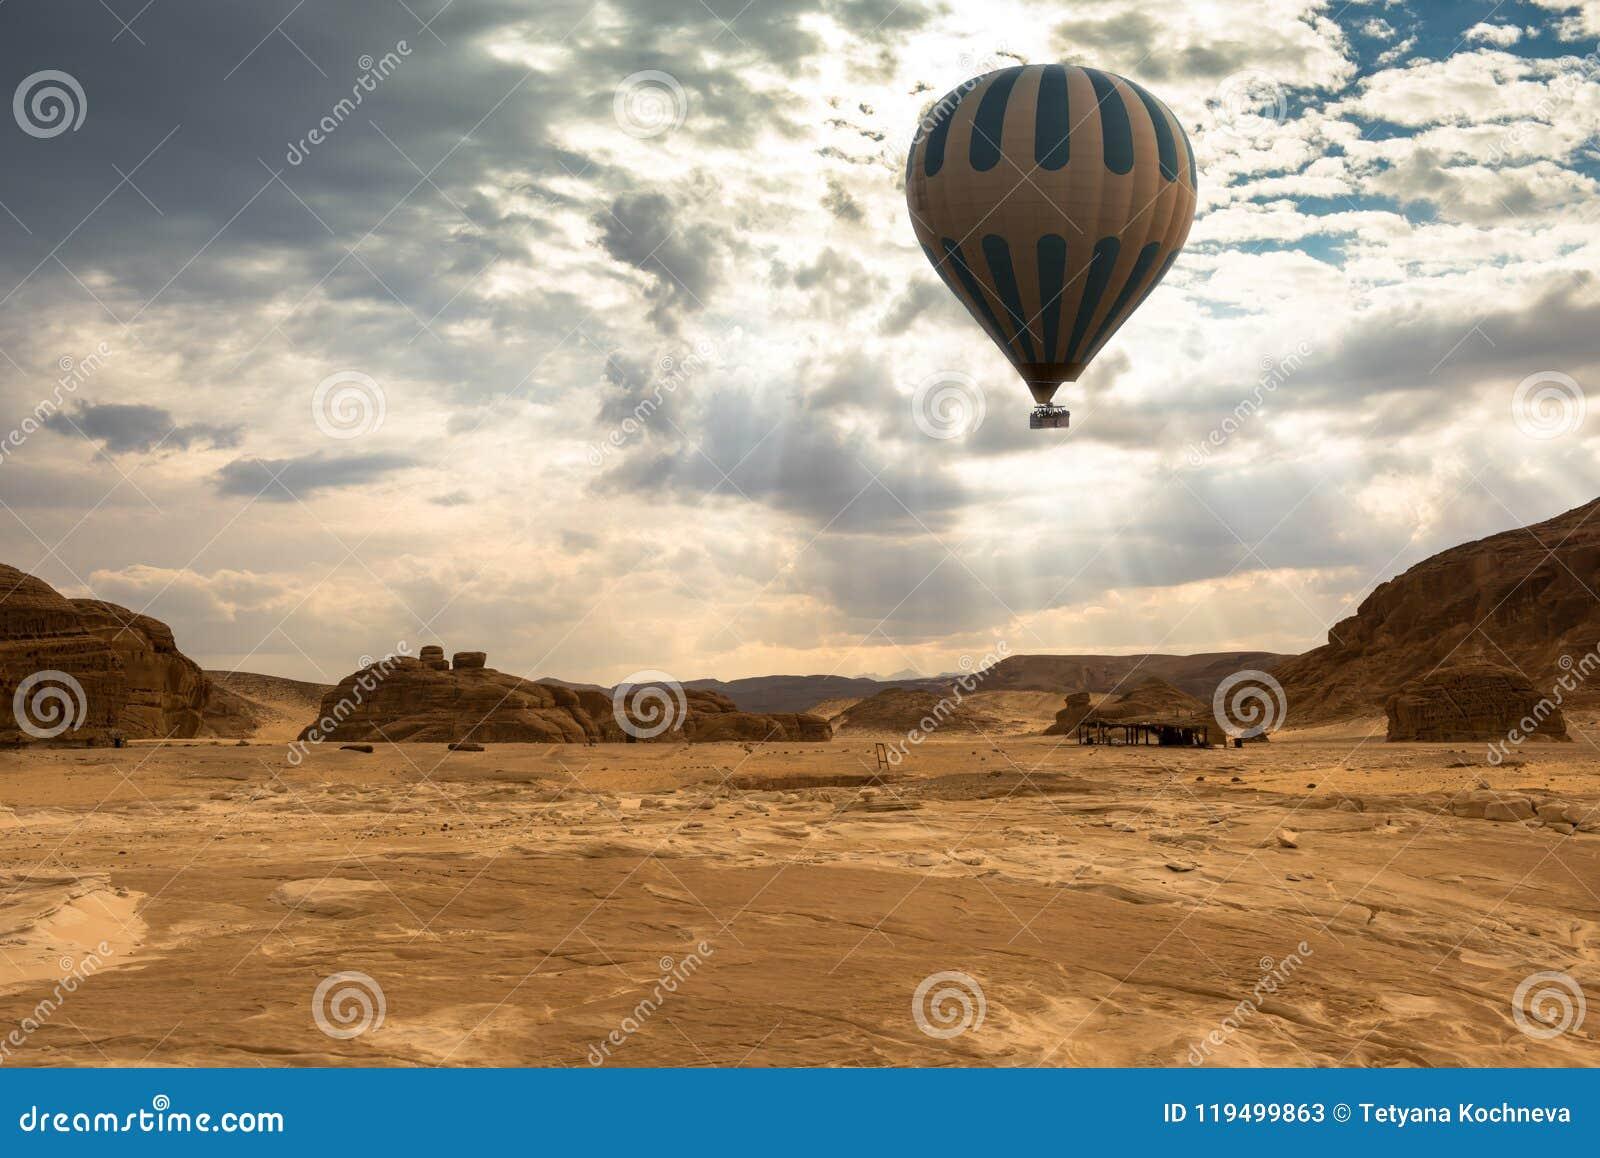 Voyage chaud de ballon à air au-dessus de désert